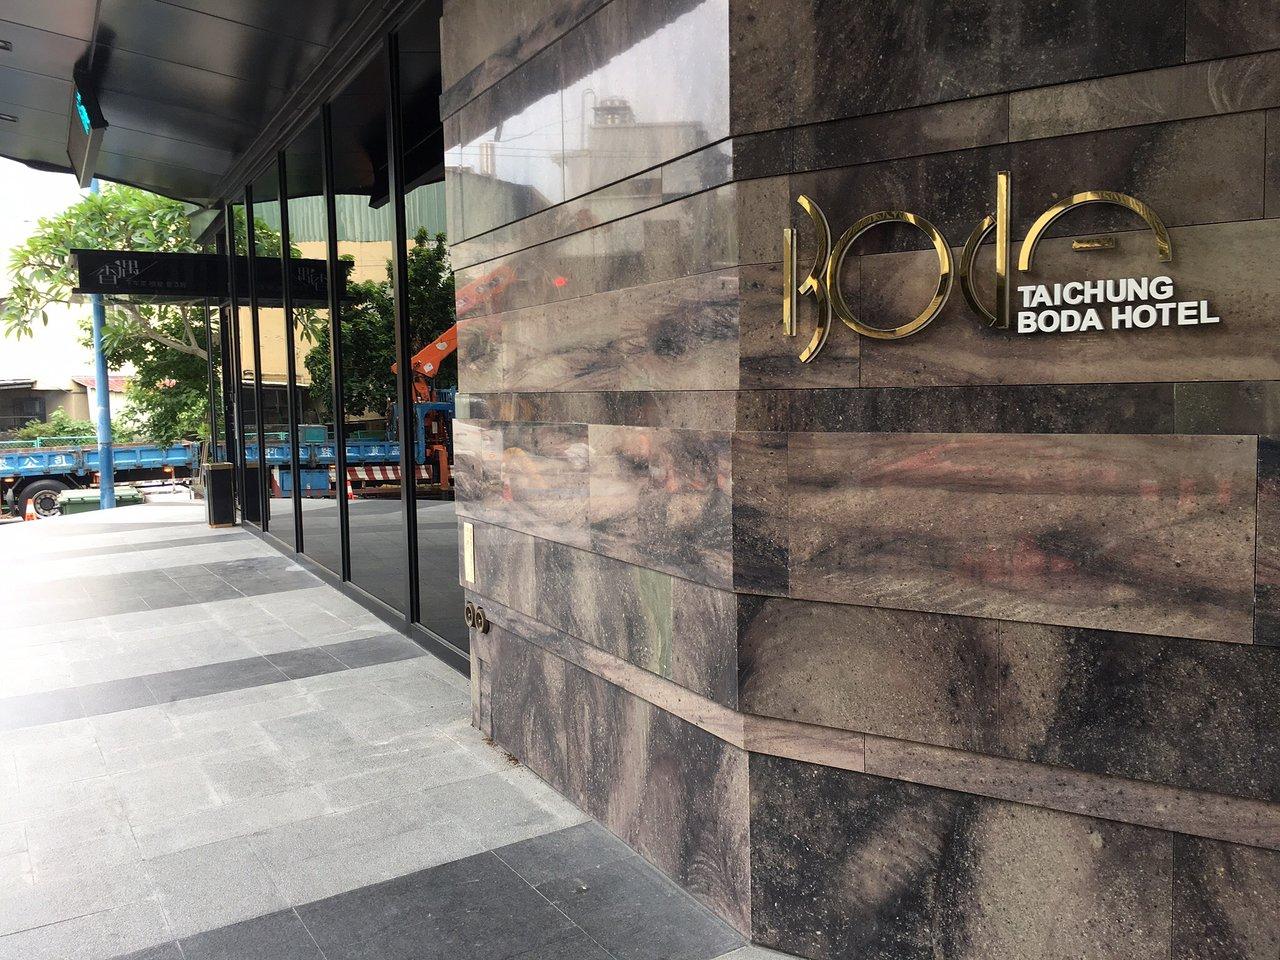 Boda Hotel Taichung 52 8 7 Prices Reviews Xitun